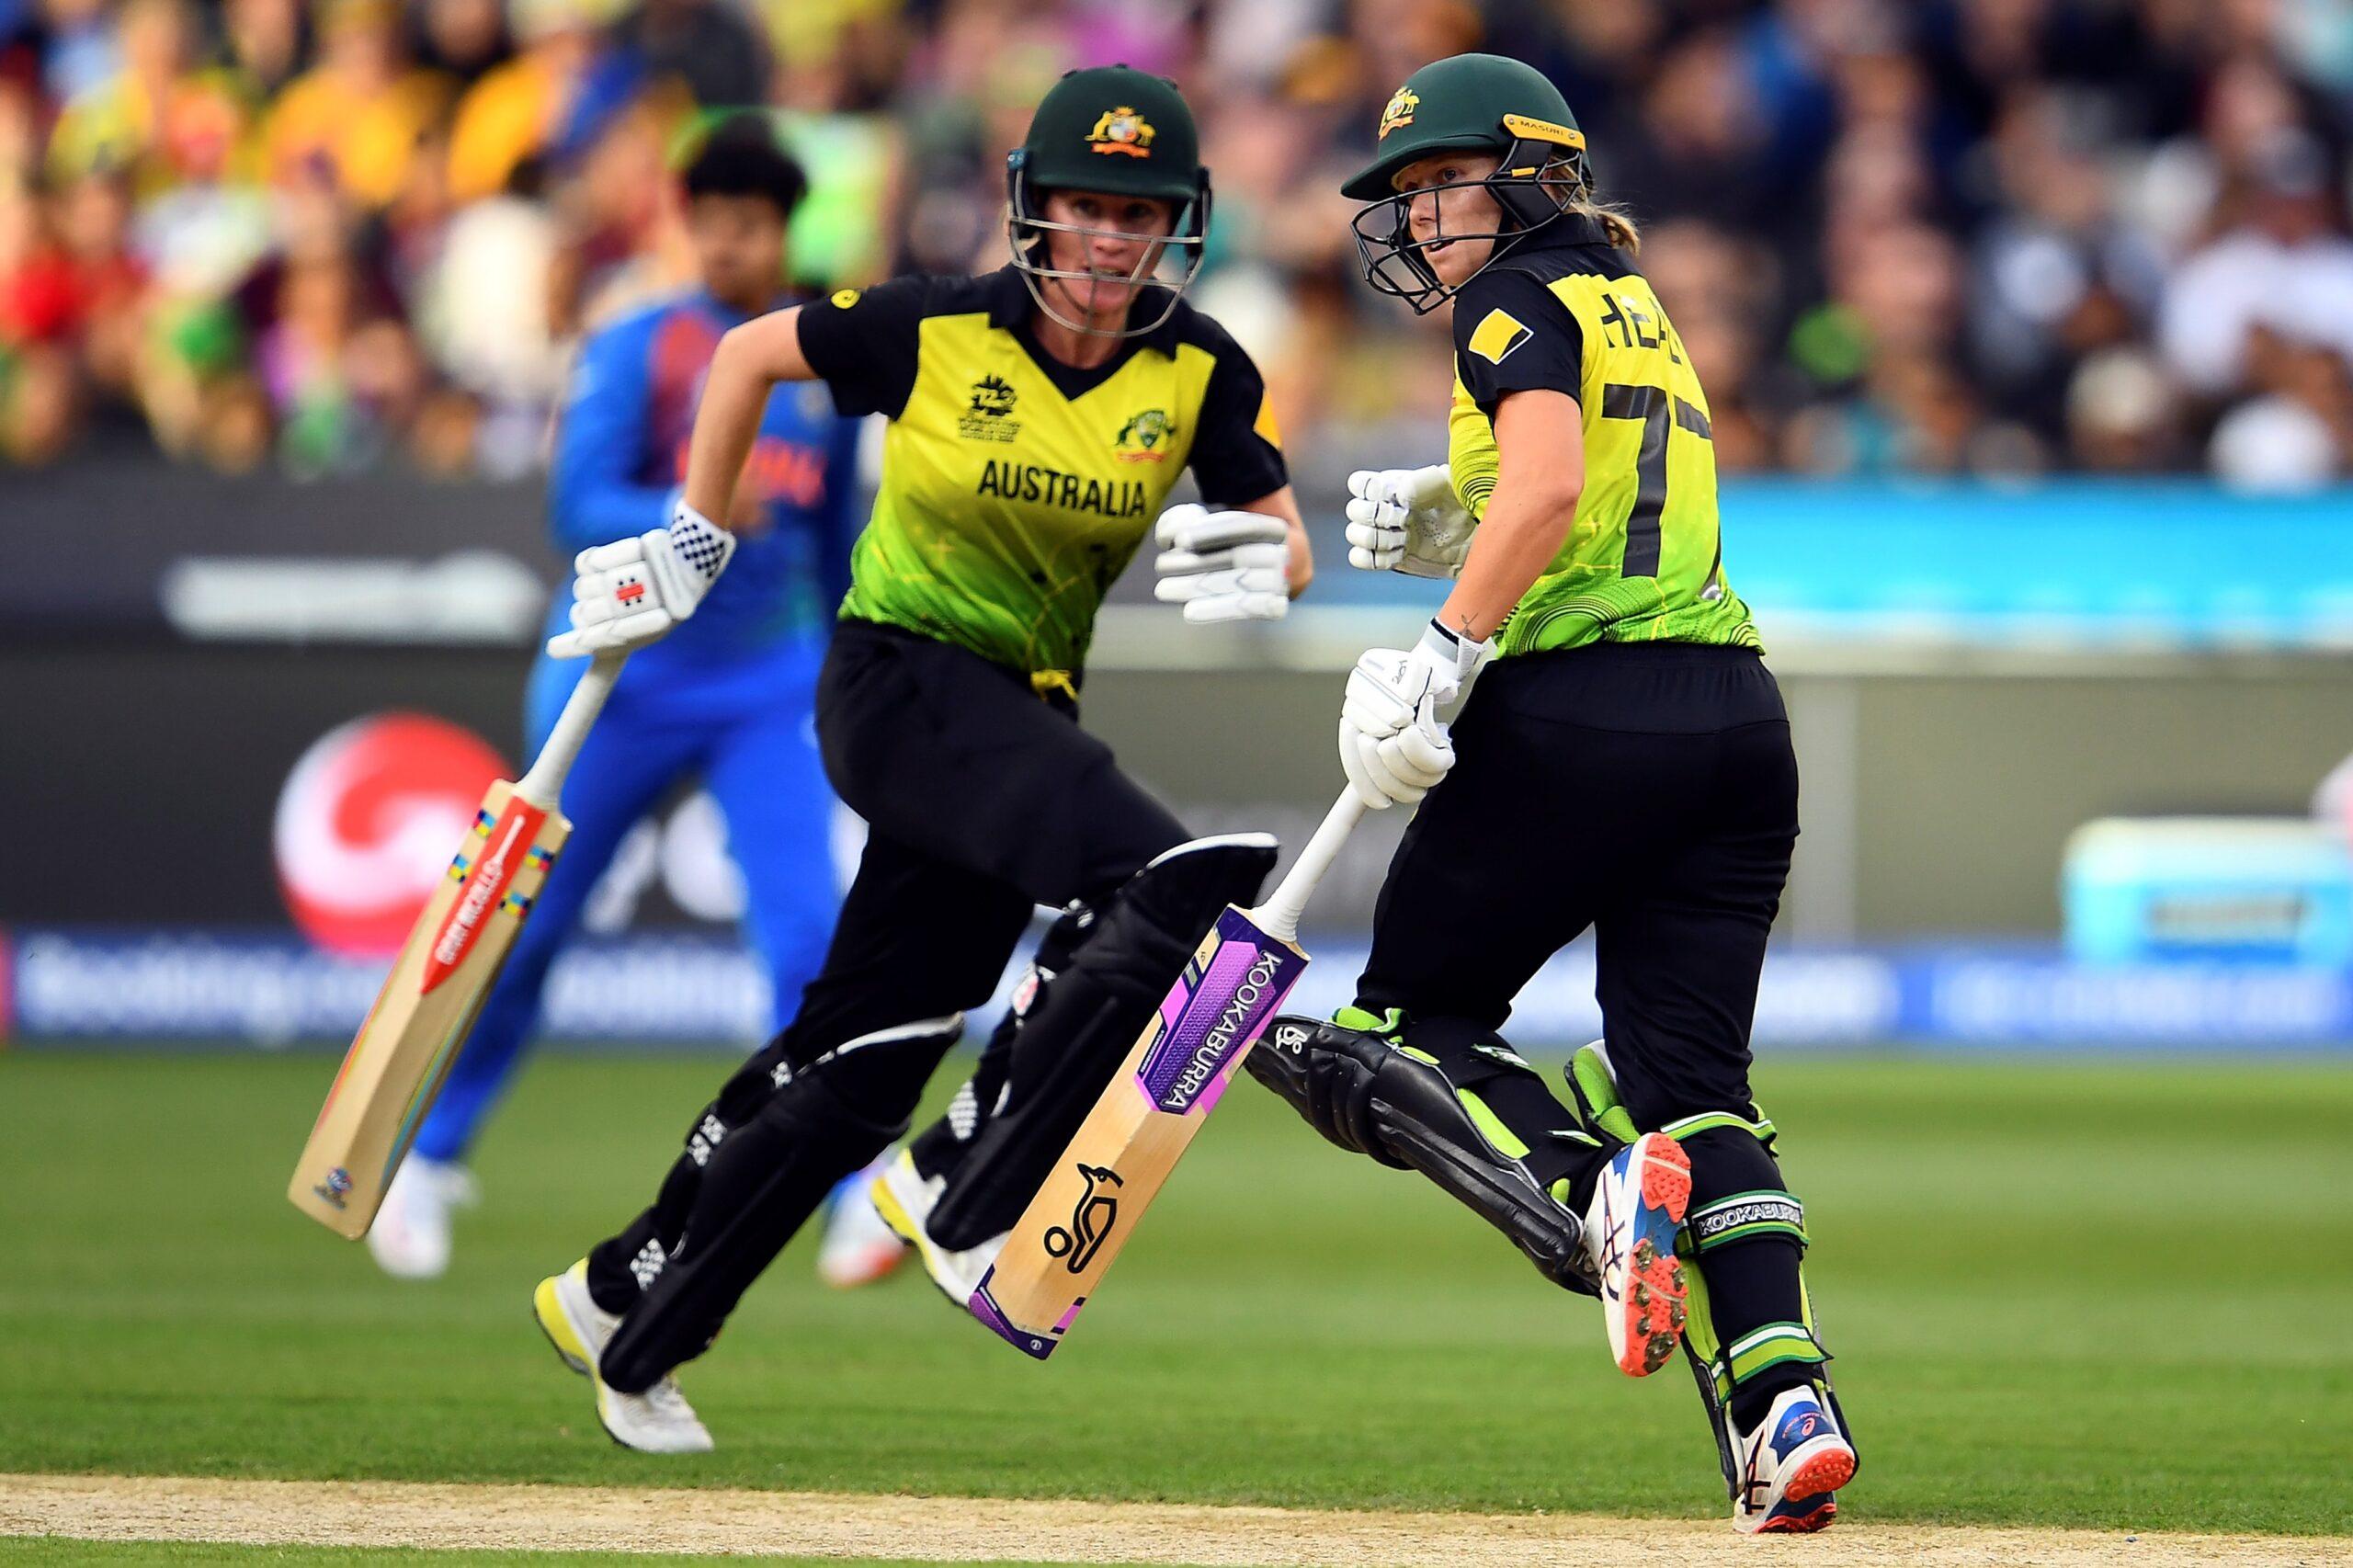 महिला टी-20 विश्व कप 2020: विजेता बनने के लिए भारतीय टीम को मिला विशाल लक्ष्य, यह ऑस्ट्रेलियाई बल्लेबाज बना भारत के लिए विलेन 6